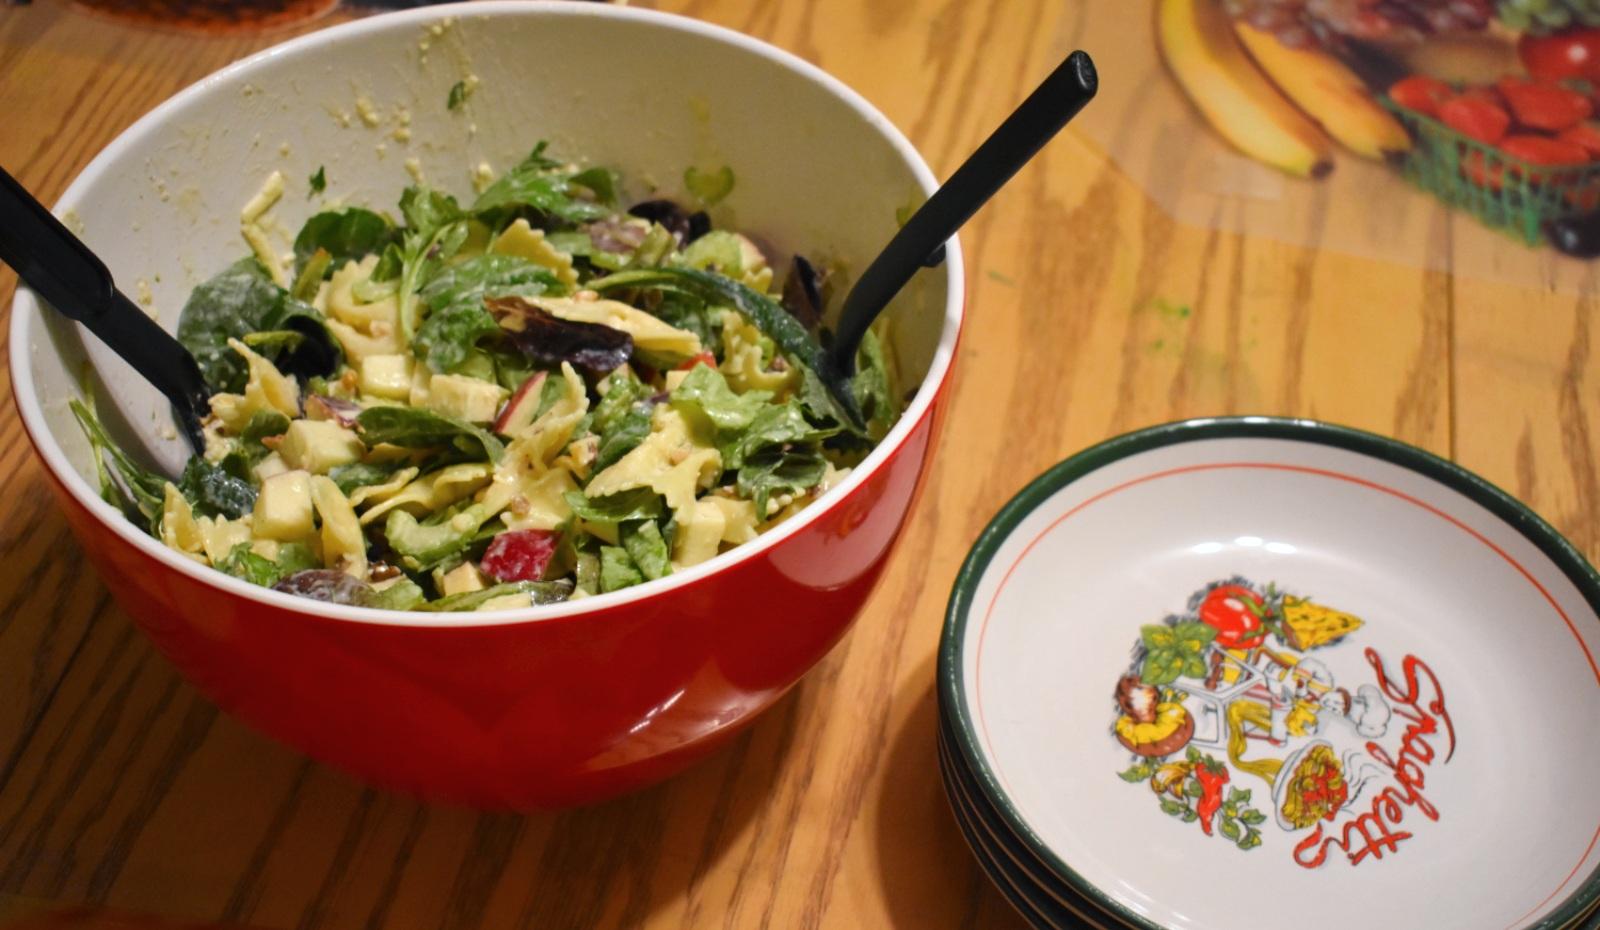 Salade de pâtes style César aux pommes et au céleri - Auboutdelalangue.com (6)